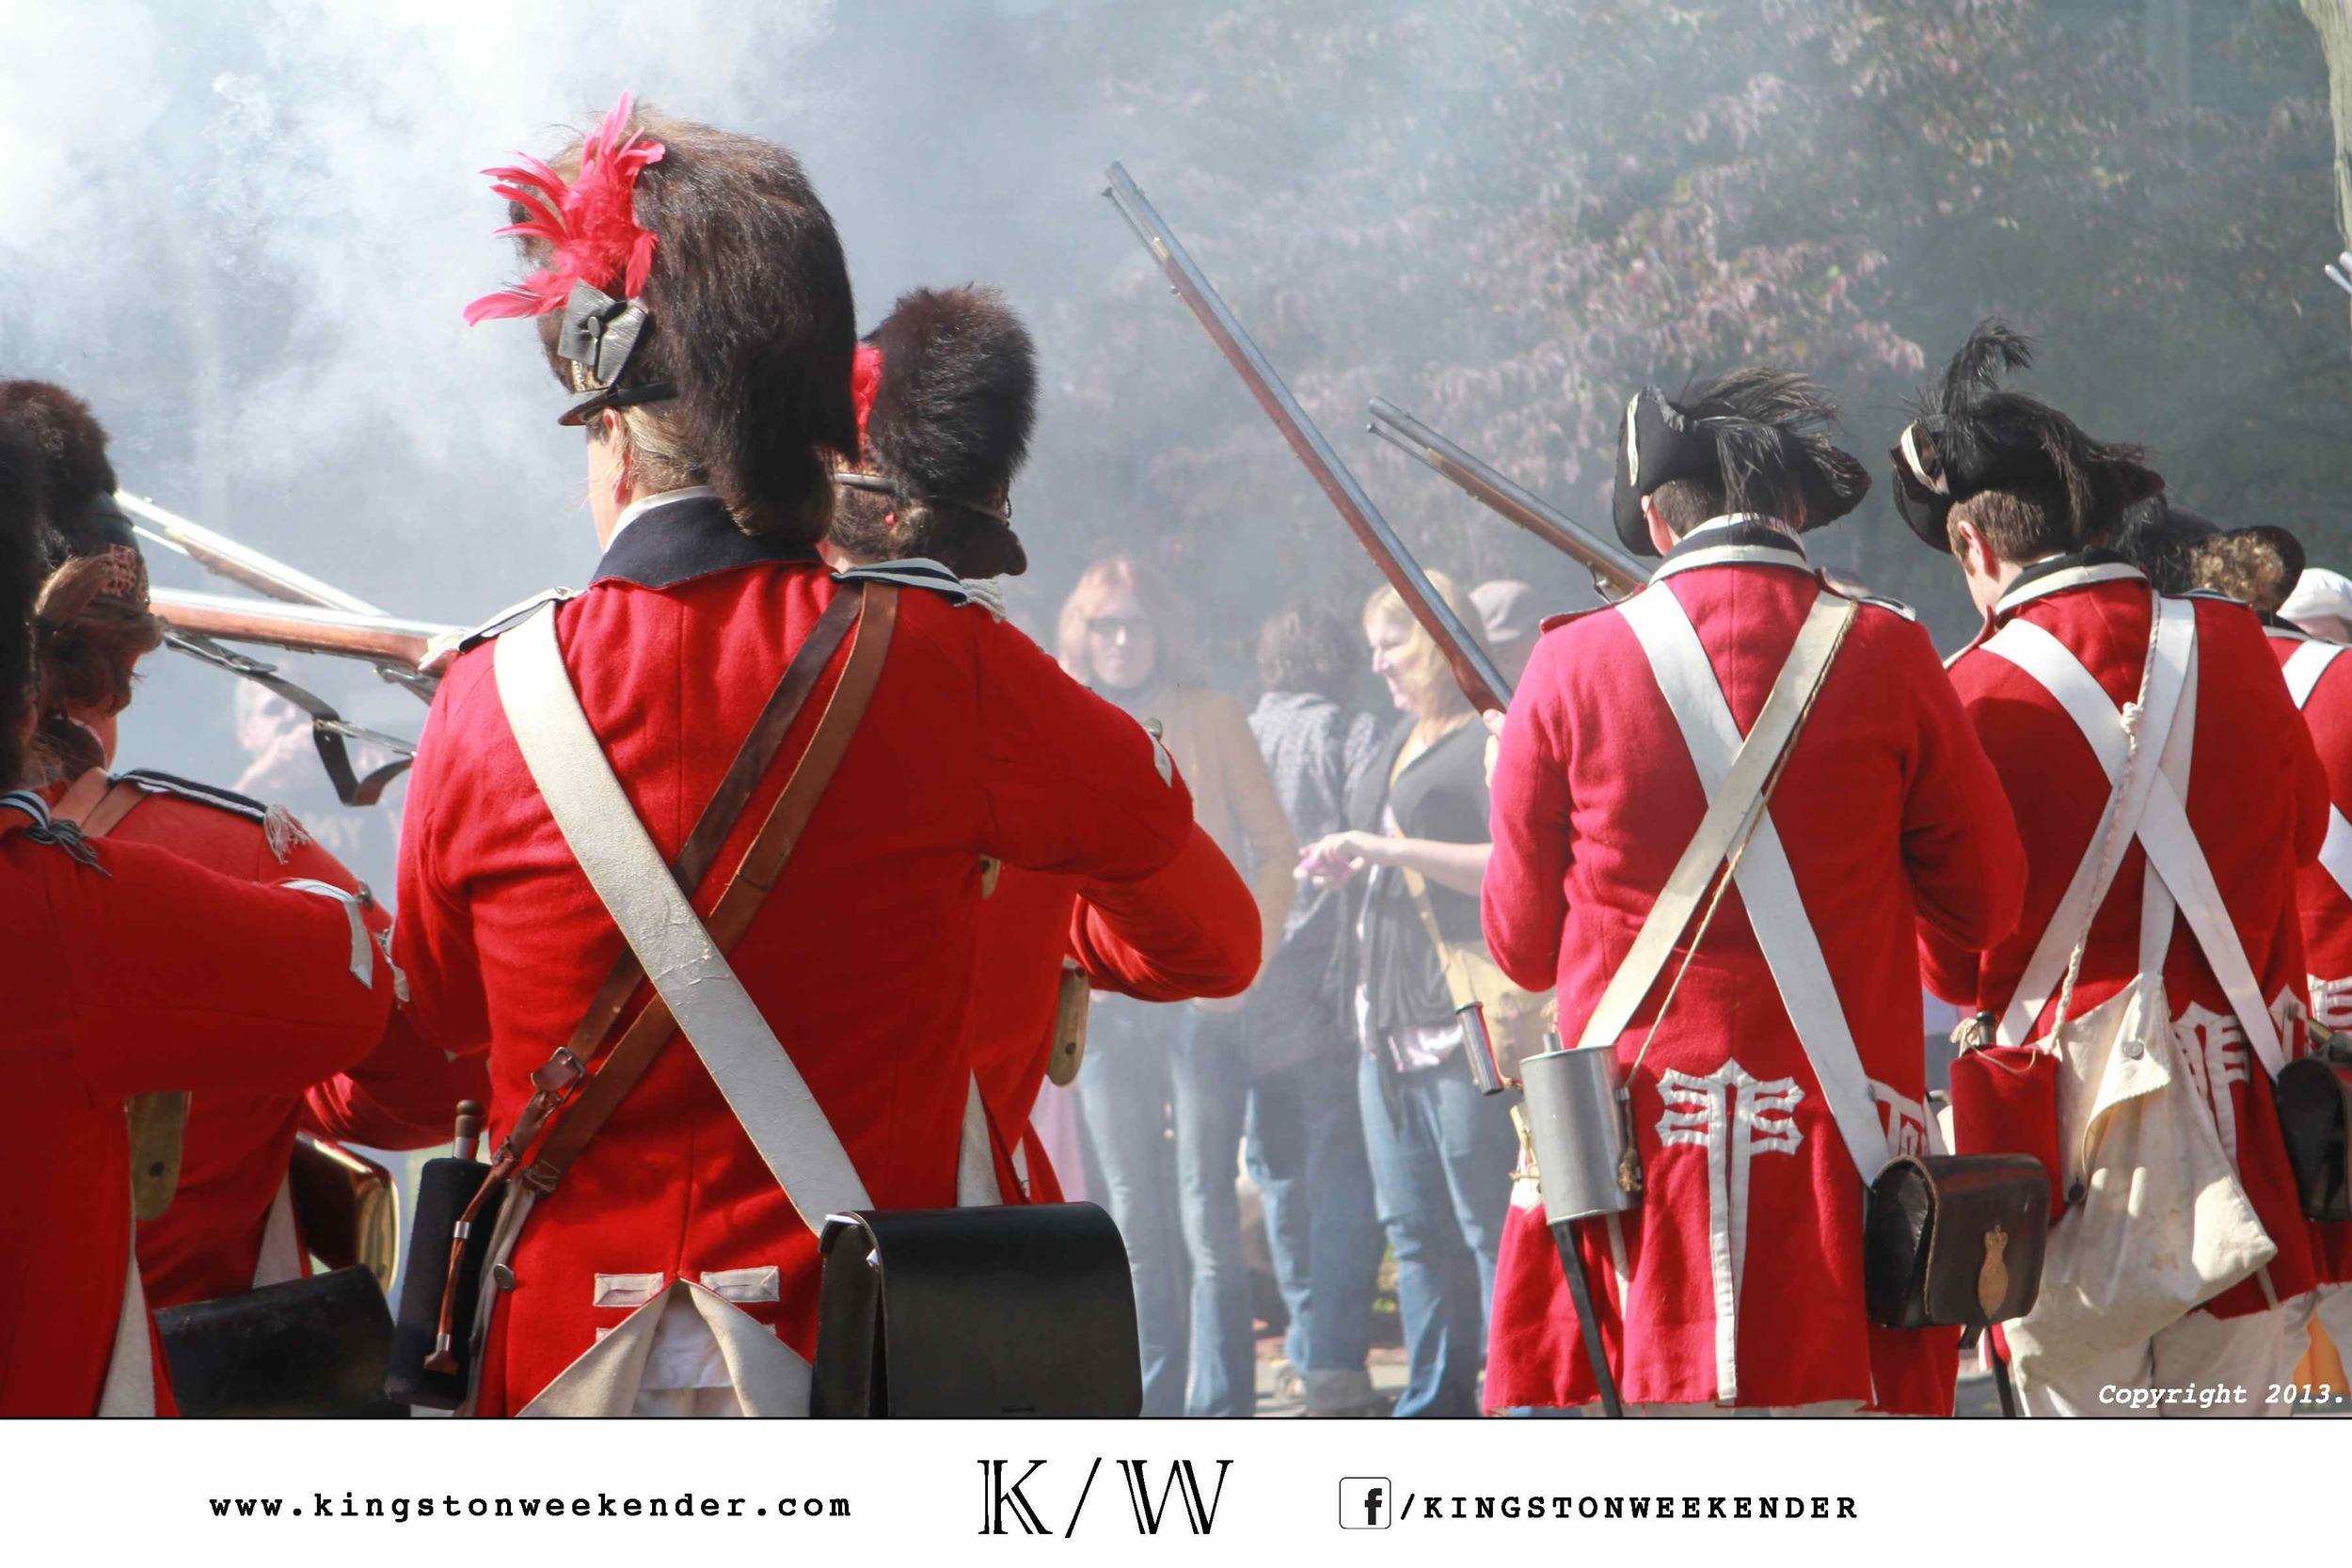 kingston-weekender-photo-credits22.jpg